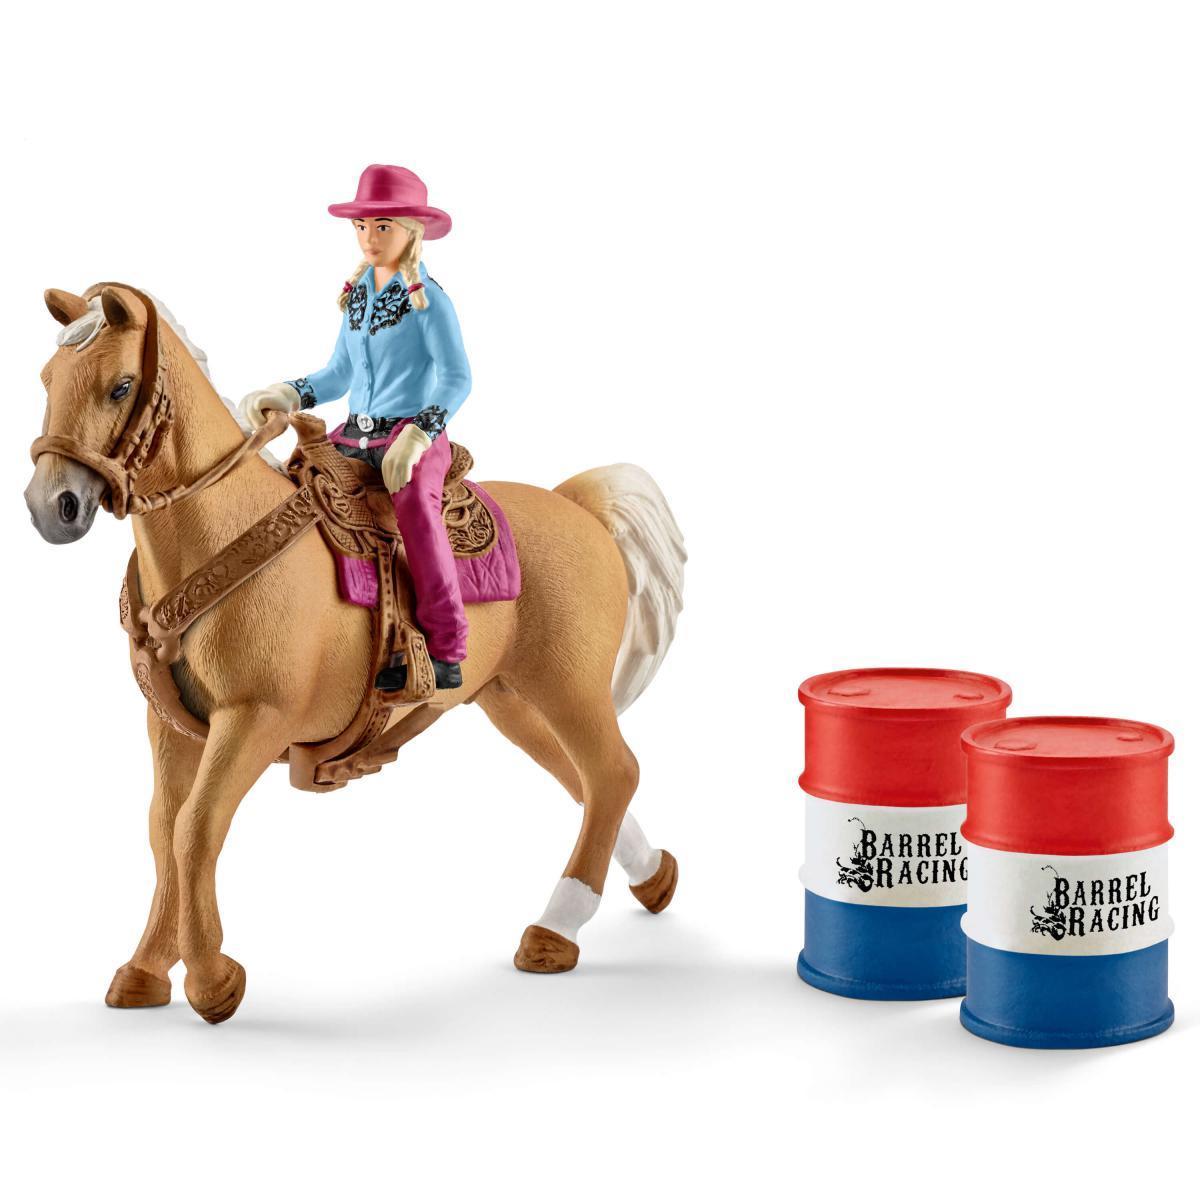 Schleich 41417 Дівчина-ковбой на скачках навколо бочок (Німеччина) Наездница на скачках вокруг бочек